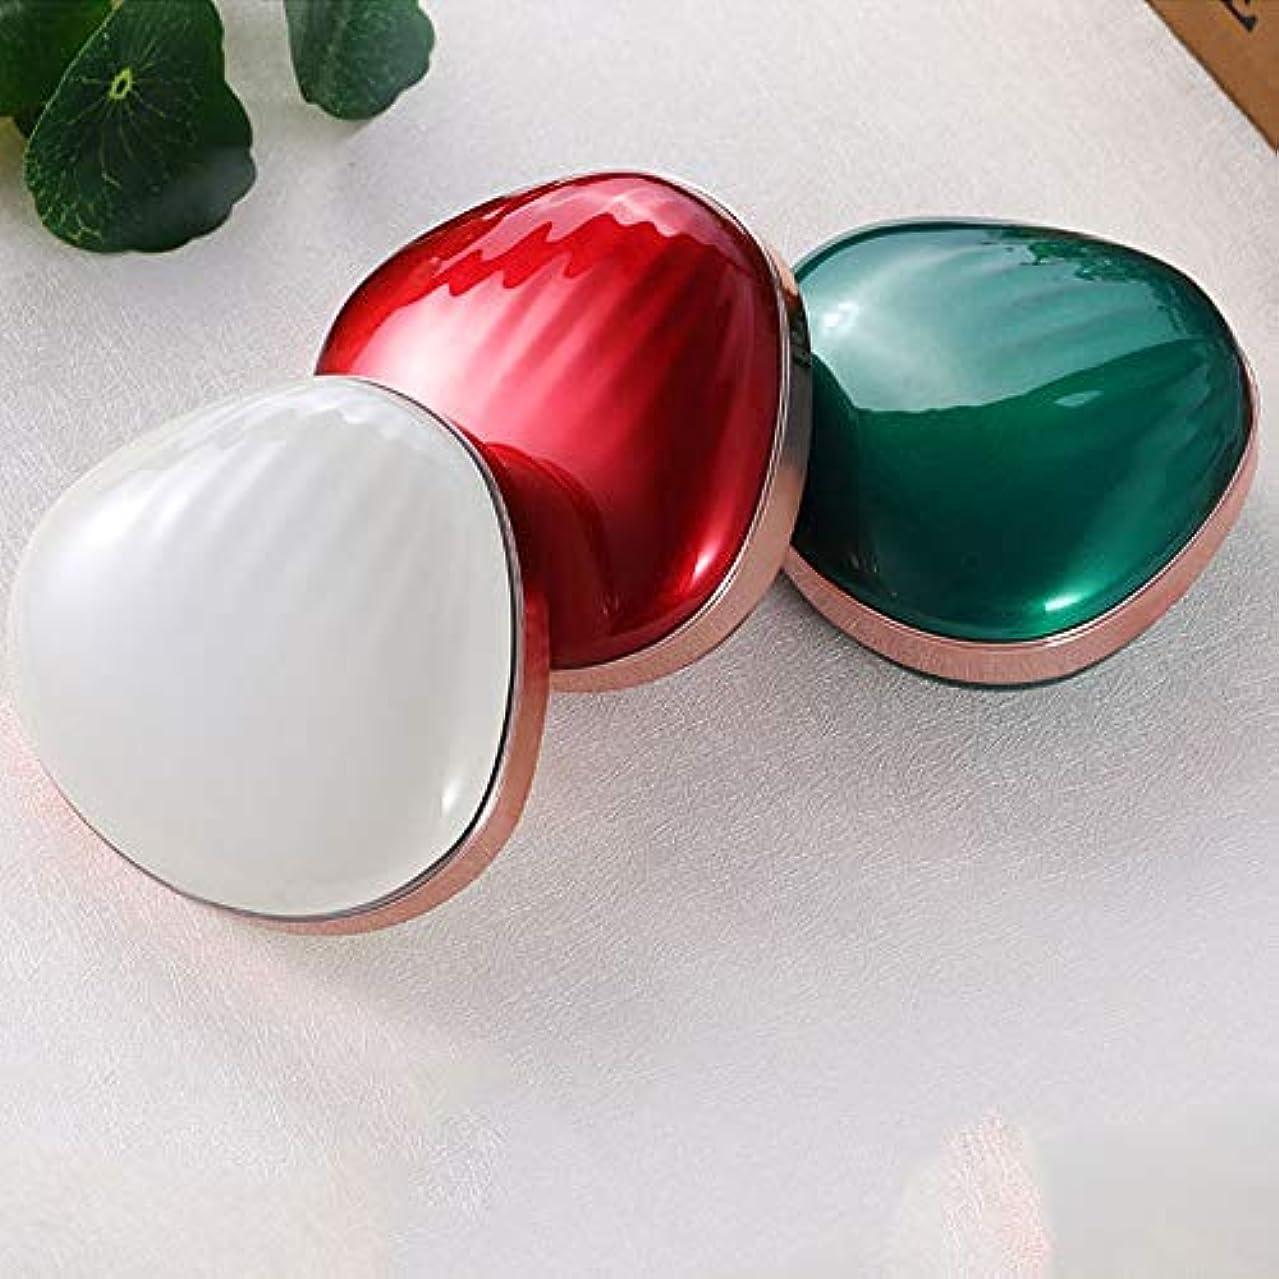 クレーン残酷な商業の流行の 新しいクリエイティブLEDソフトアイメイクミラー多機能塗りつぶし充電宝メイクアップミラー美容ミラーABSアルミ3レッドブルーホワイト (色 : Green)